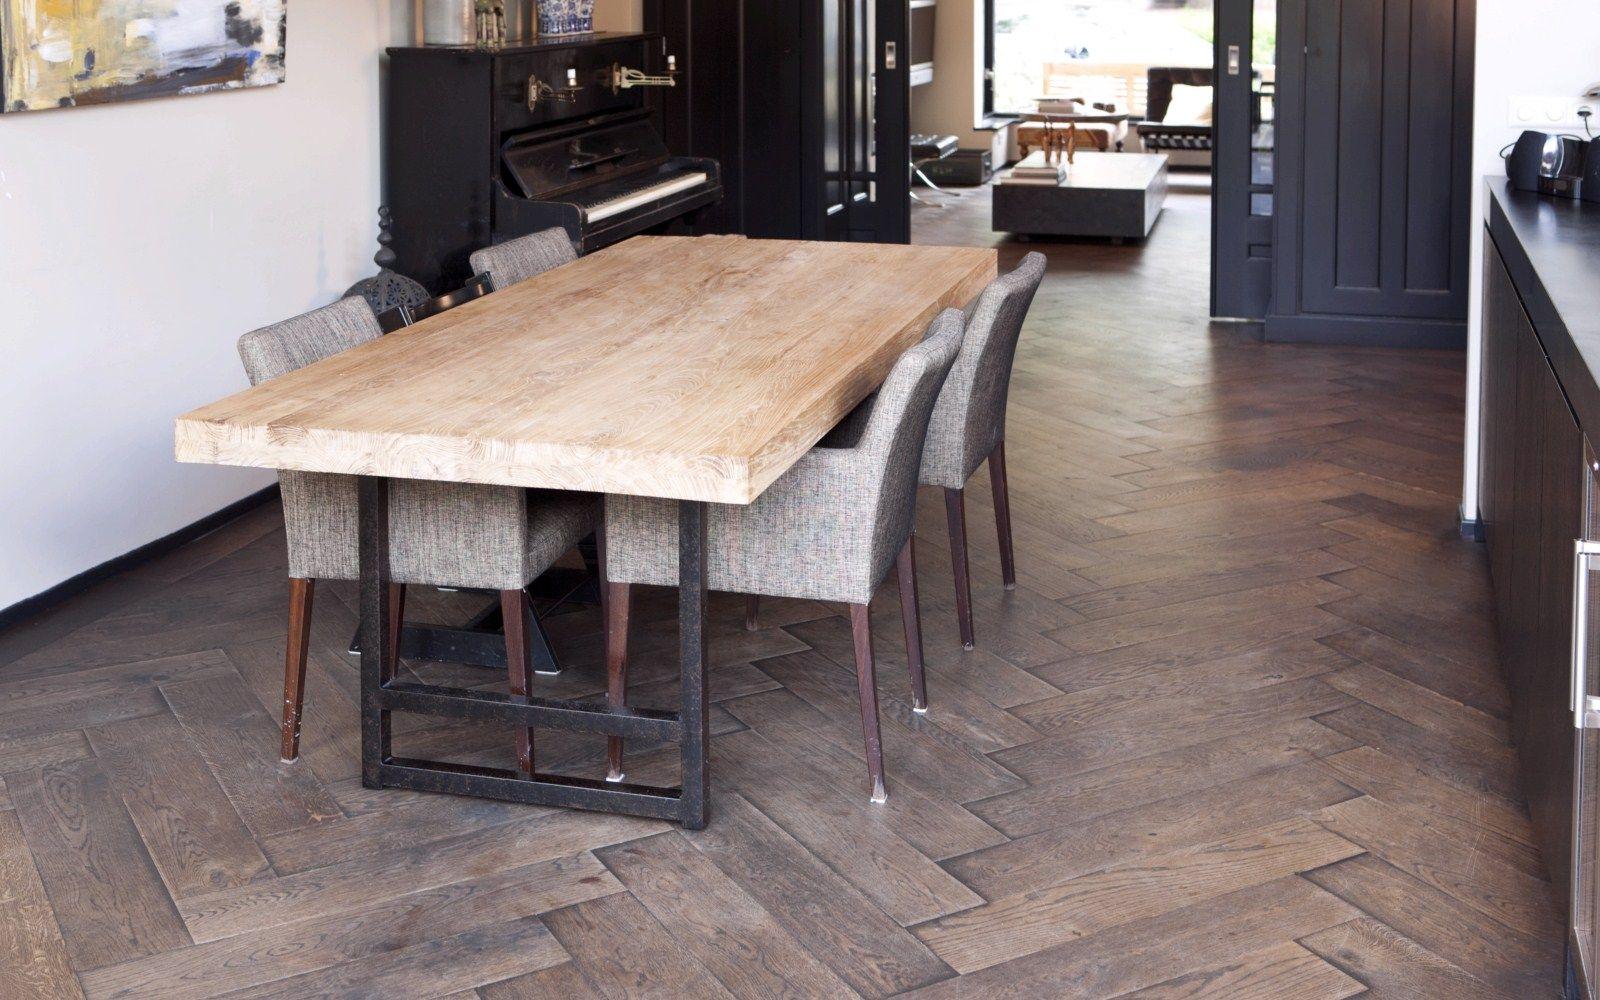 Hardhouten Vloeren Vloerverwarming : Eiken houten visgraatvloer gelegd op vloerverwarming de